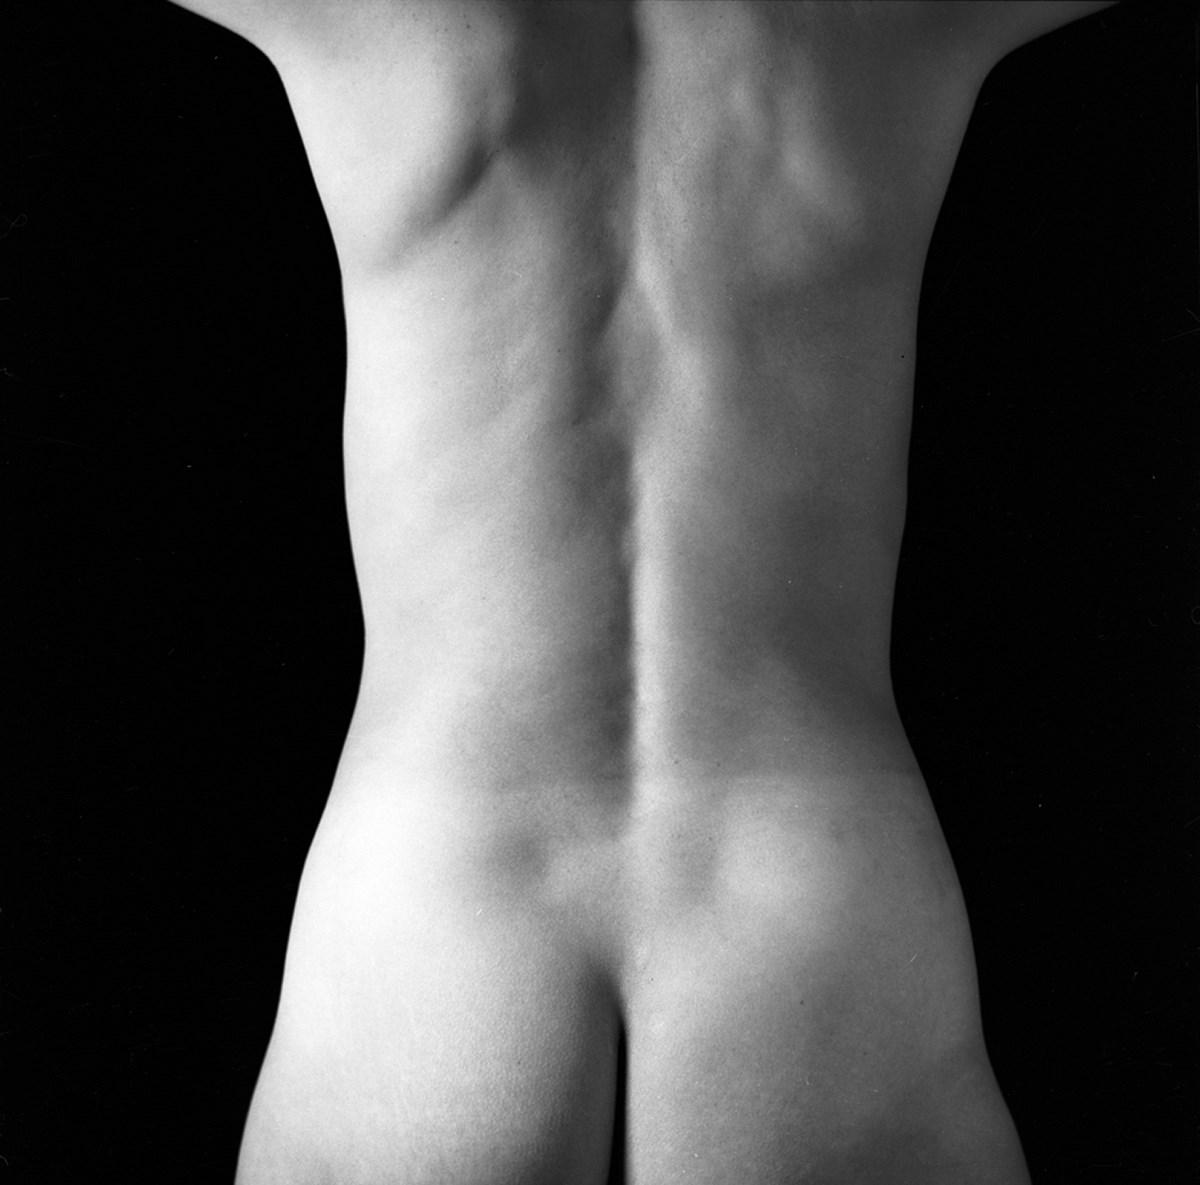 """Fot. Zbigniew Dłubak, """"Struktury ciała"""" (źródło: materiały prasowe organizatora)"""